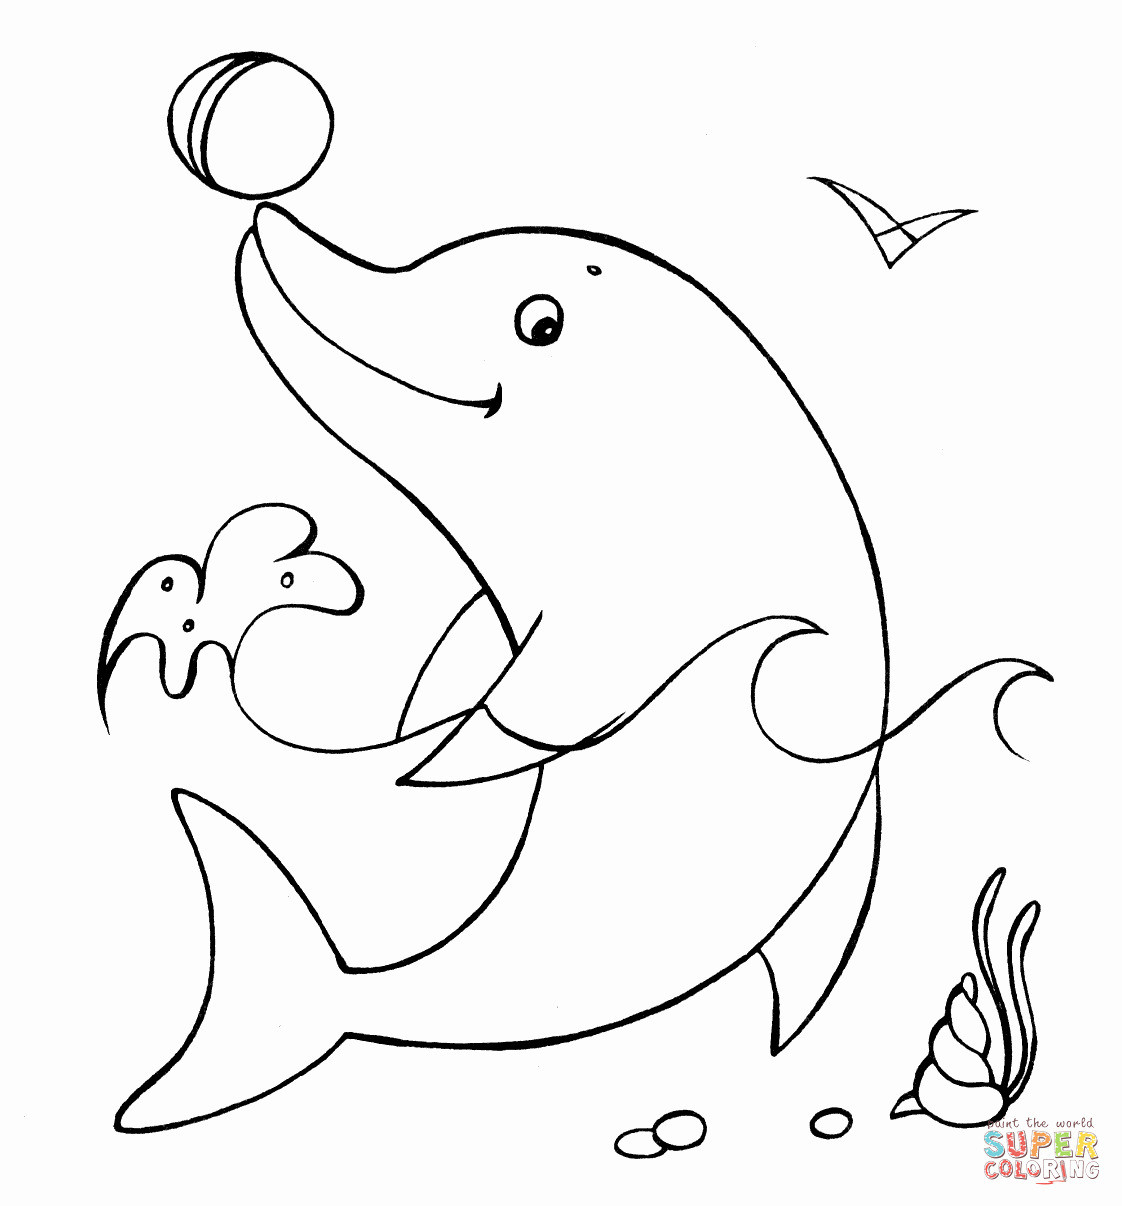 Delfin Bilder Zum Ausdrucken Einzigartig 40 Malvorlagen Herbst Zum Ausdrucken Scoredatscore Einzigartig Das Bild